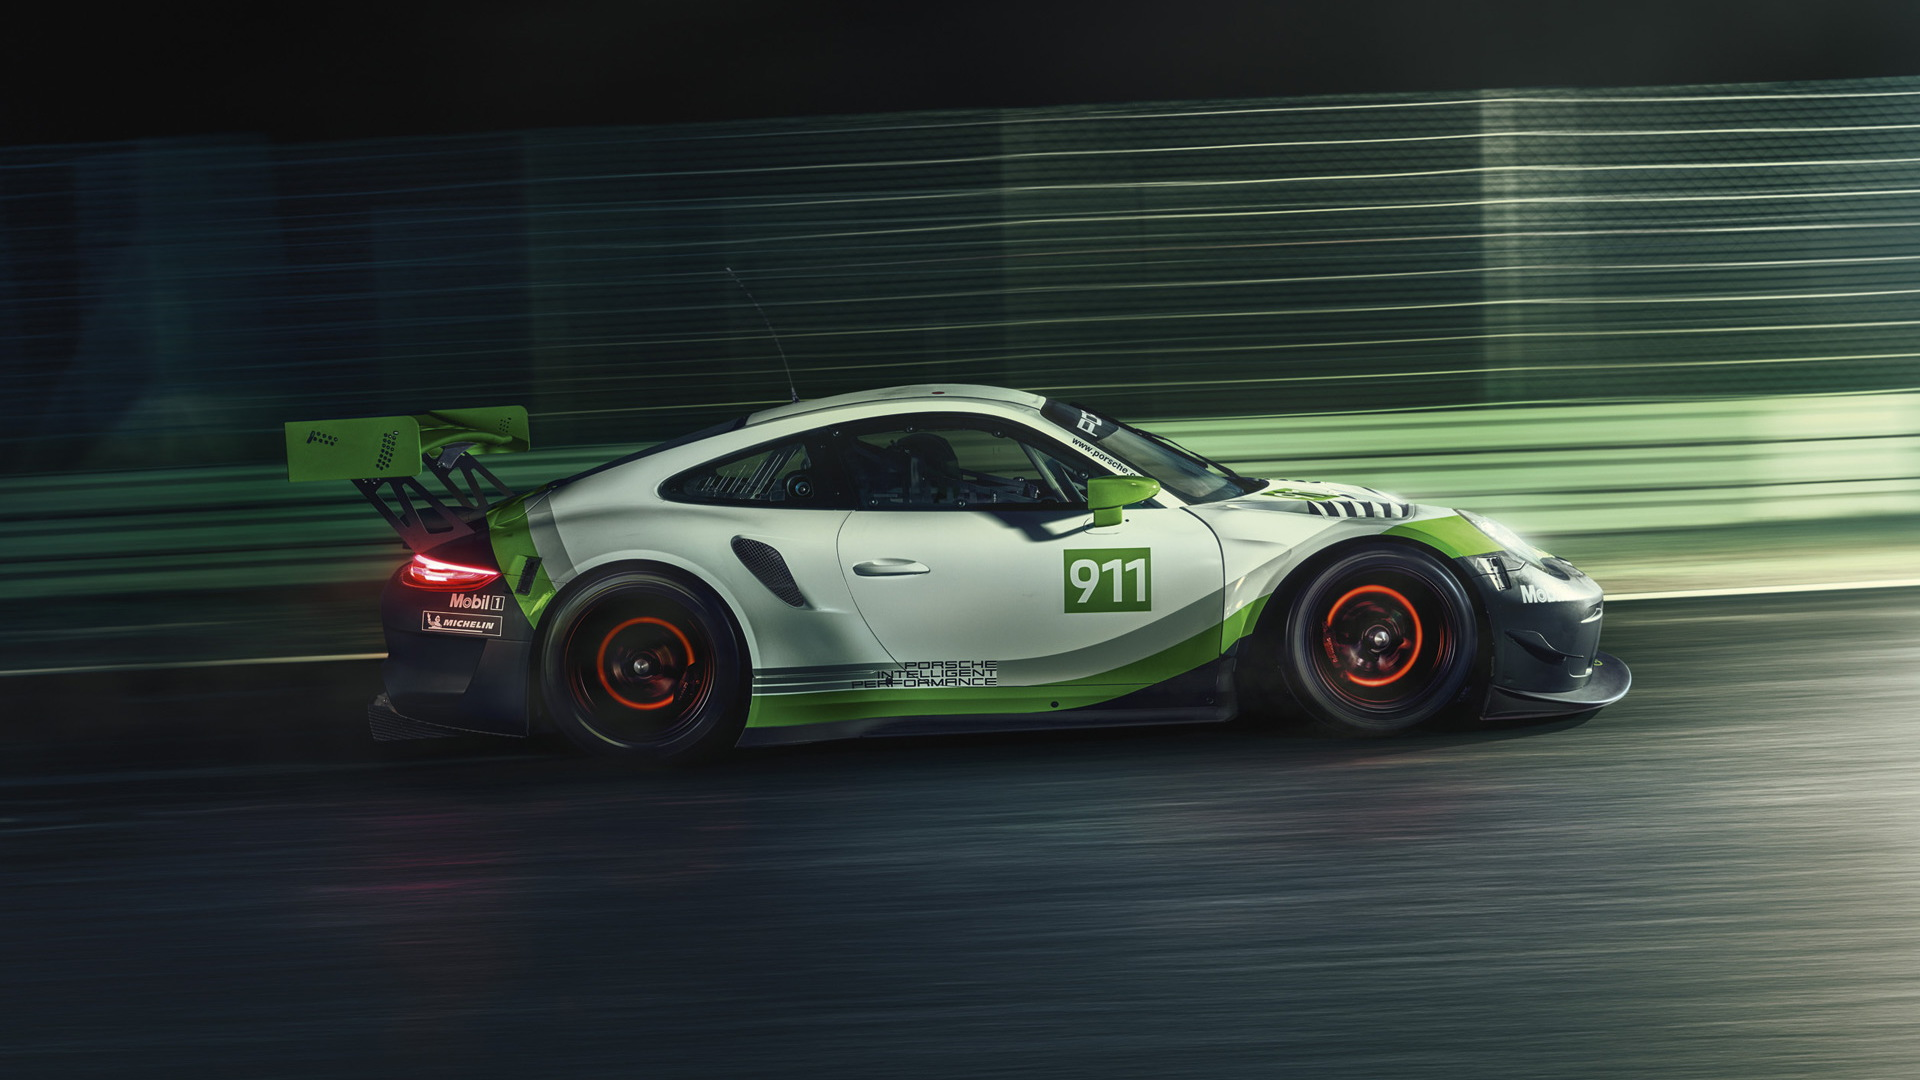 2019 Porsche 911 GT3 R race car